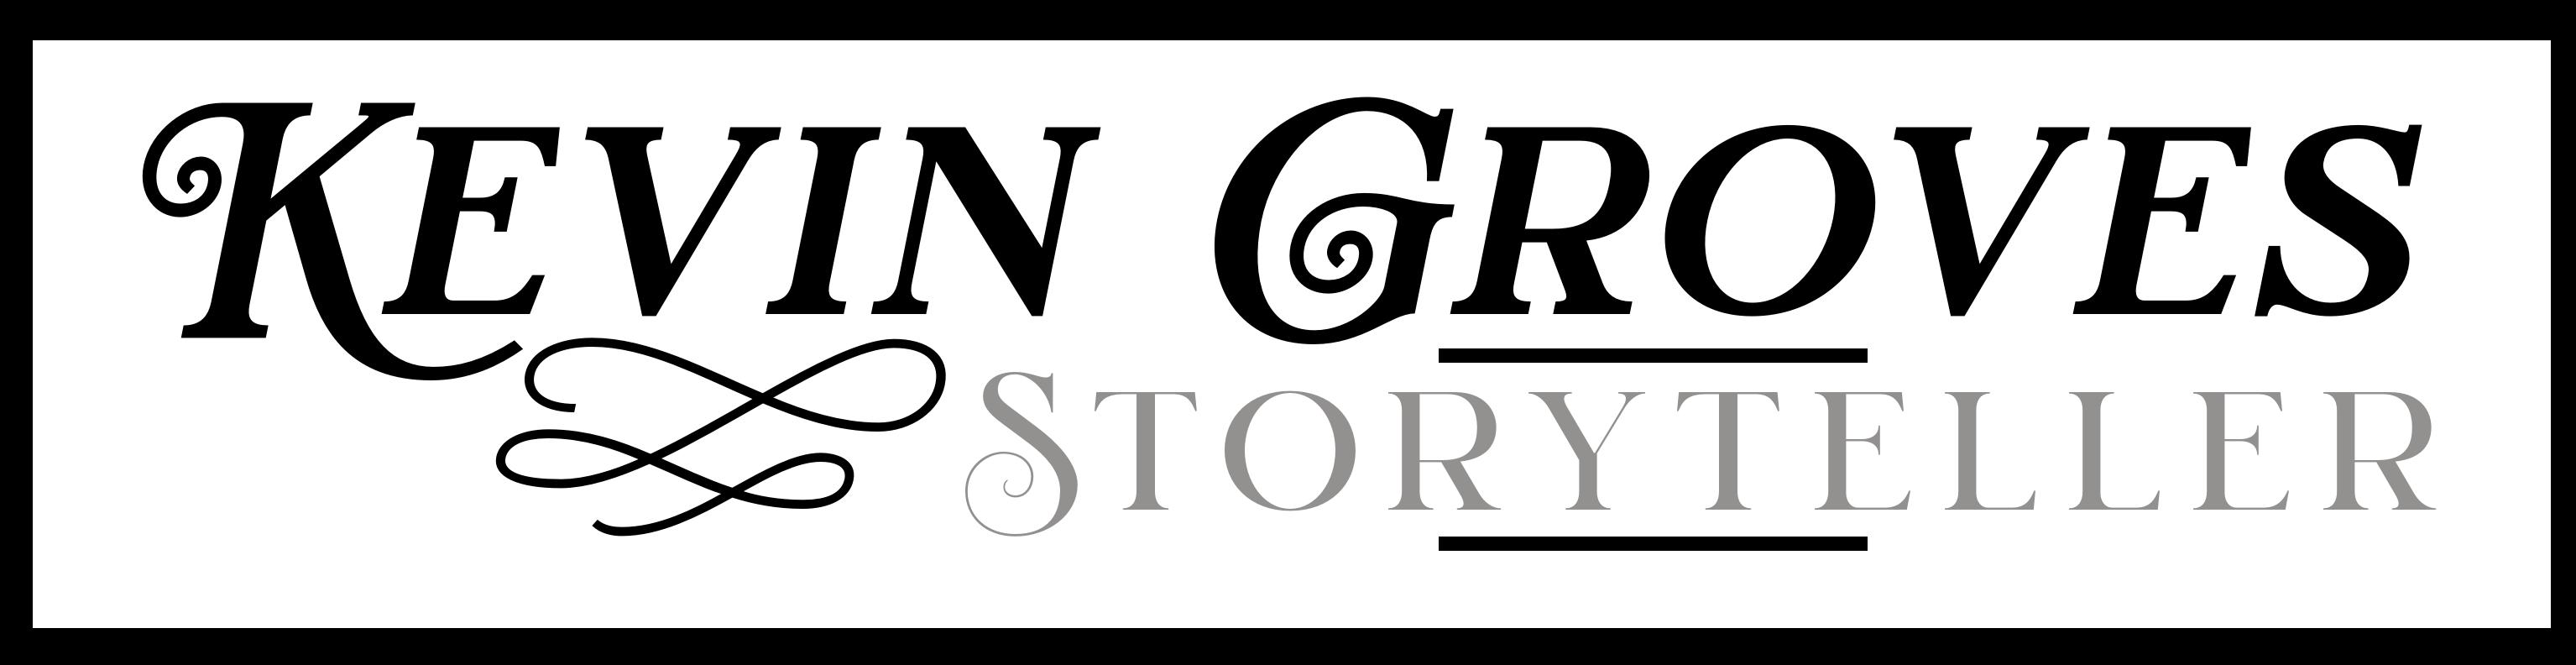 Kevin Groves :: Storyteller